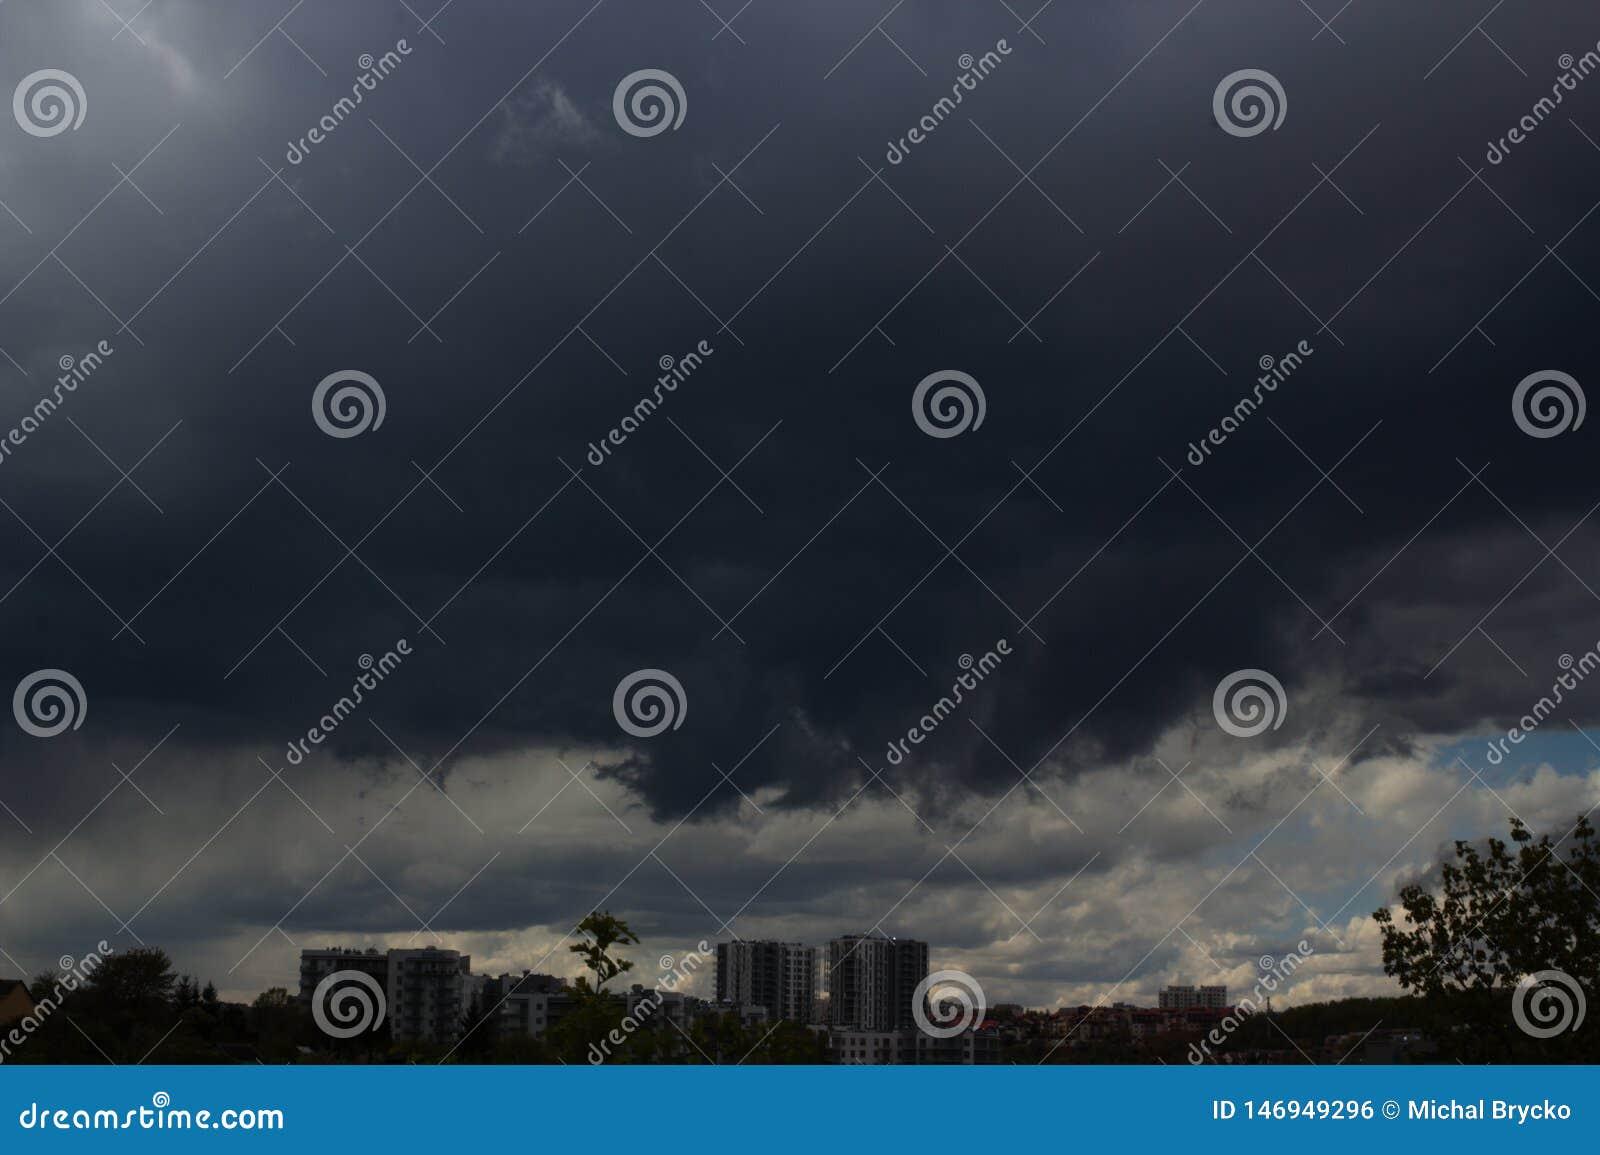 Cityscape av den stora stormen över en stad i dunkel bakgrund luftförorening i en stad